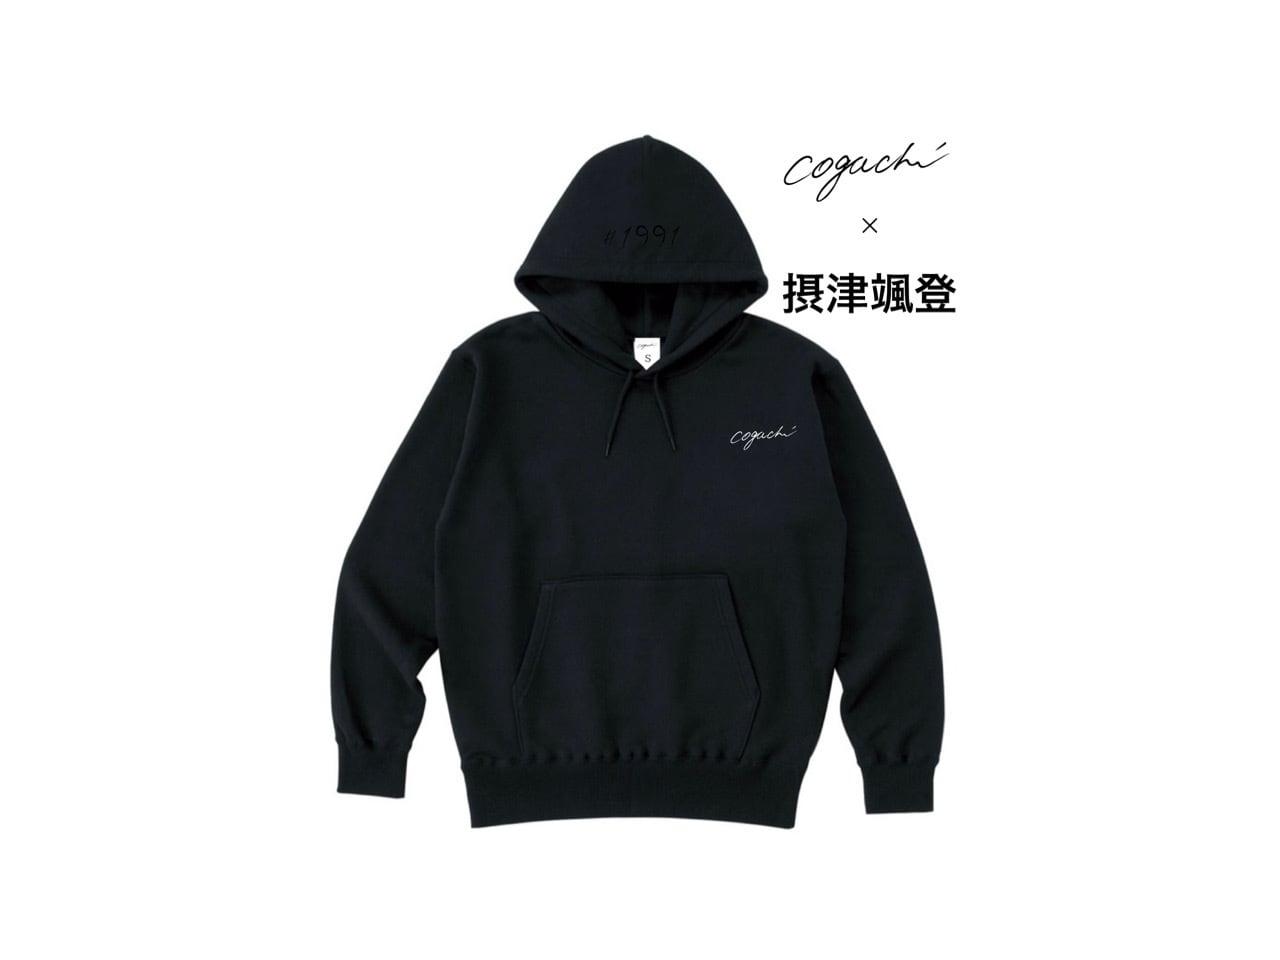 摂津颯登 Special Edition Collection 1991 hoodie (BLK/WH/BLK)